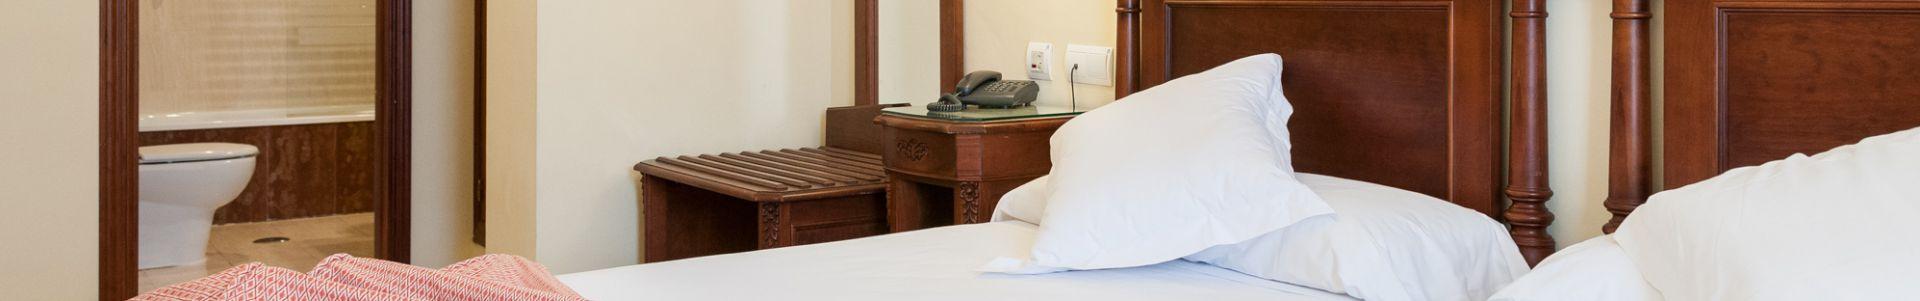 Seville Monumental Hotel Room